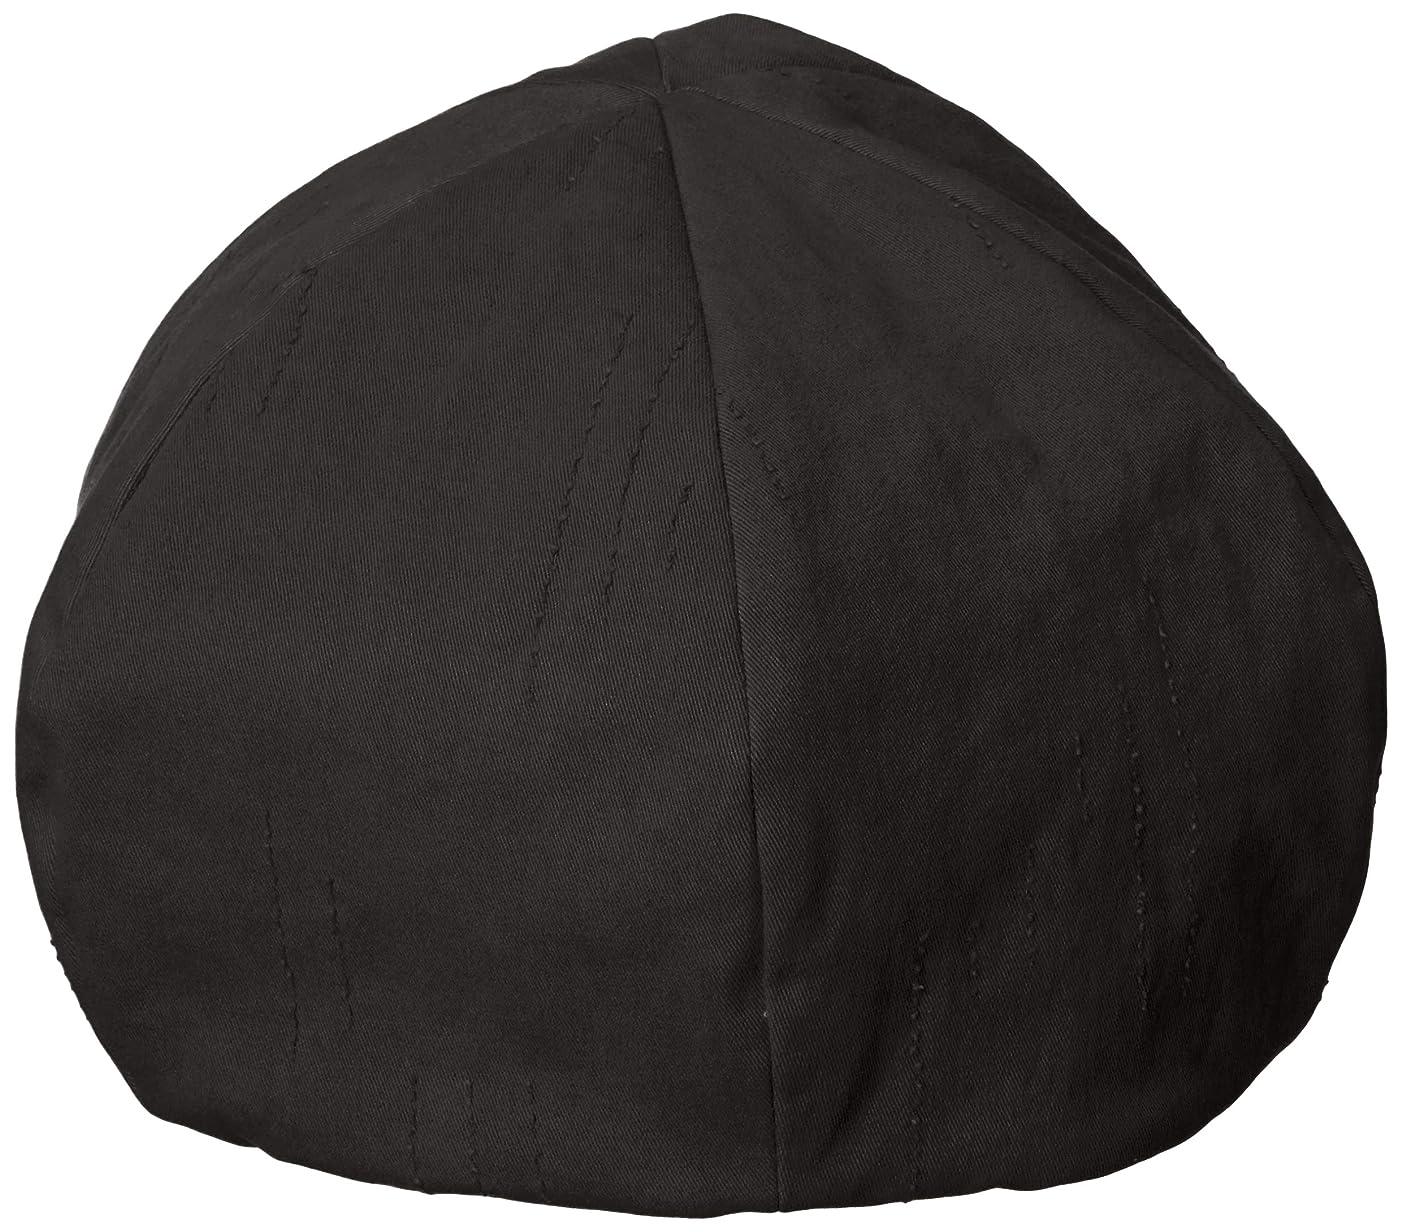 震え操縦するフラッシュのように素早く[センス オブ グレース] ベレー帽 ENVELOPE BERET